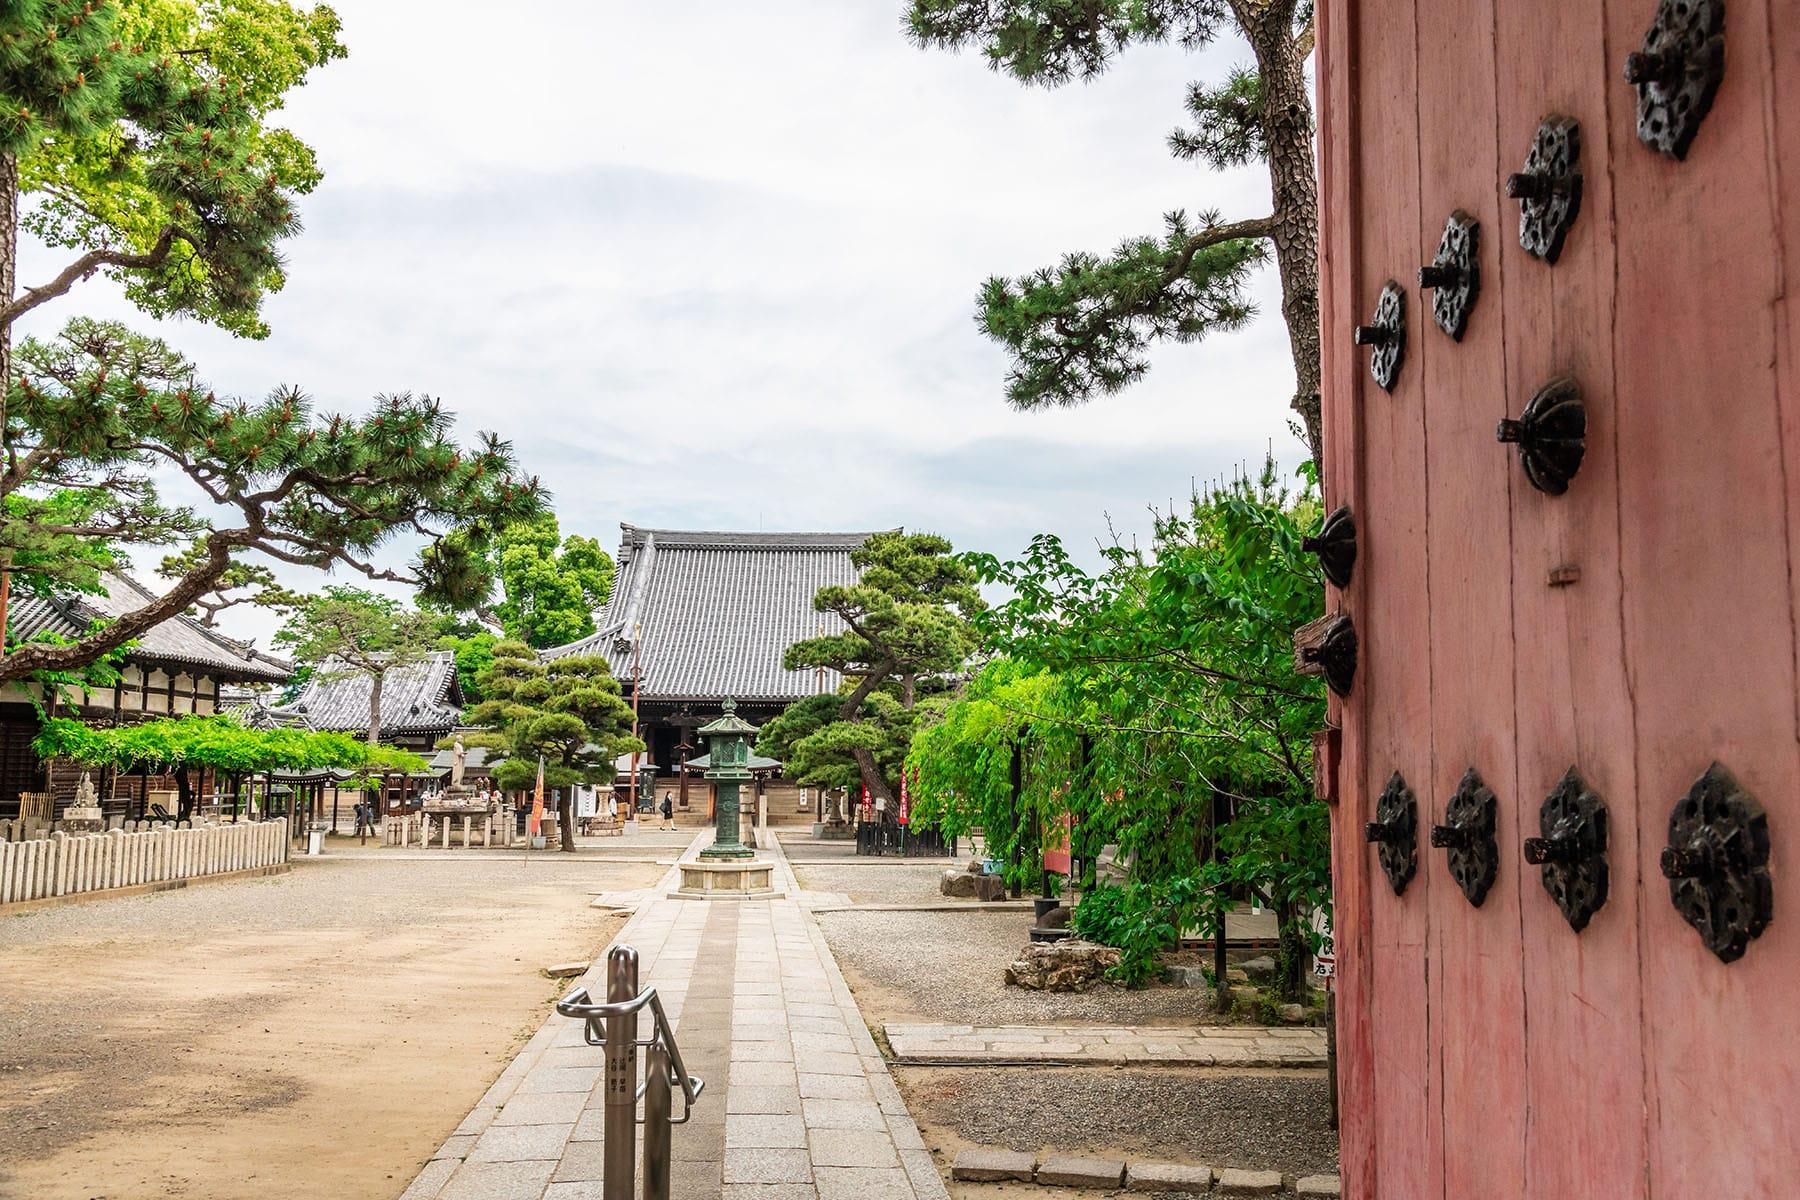 西国札所 第1番【那智山・青岸渡寺】 | フォトさいたま